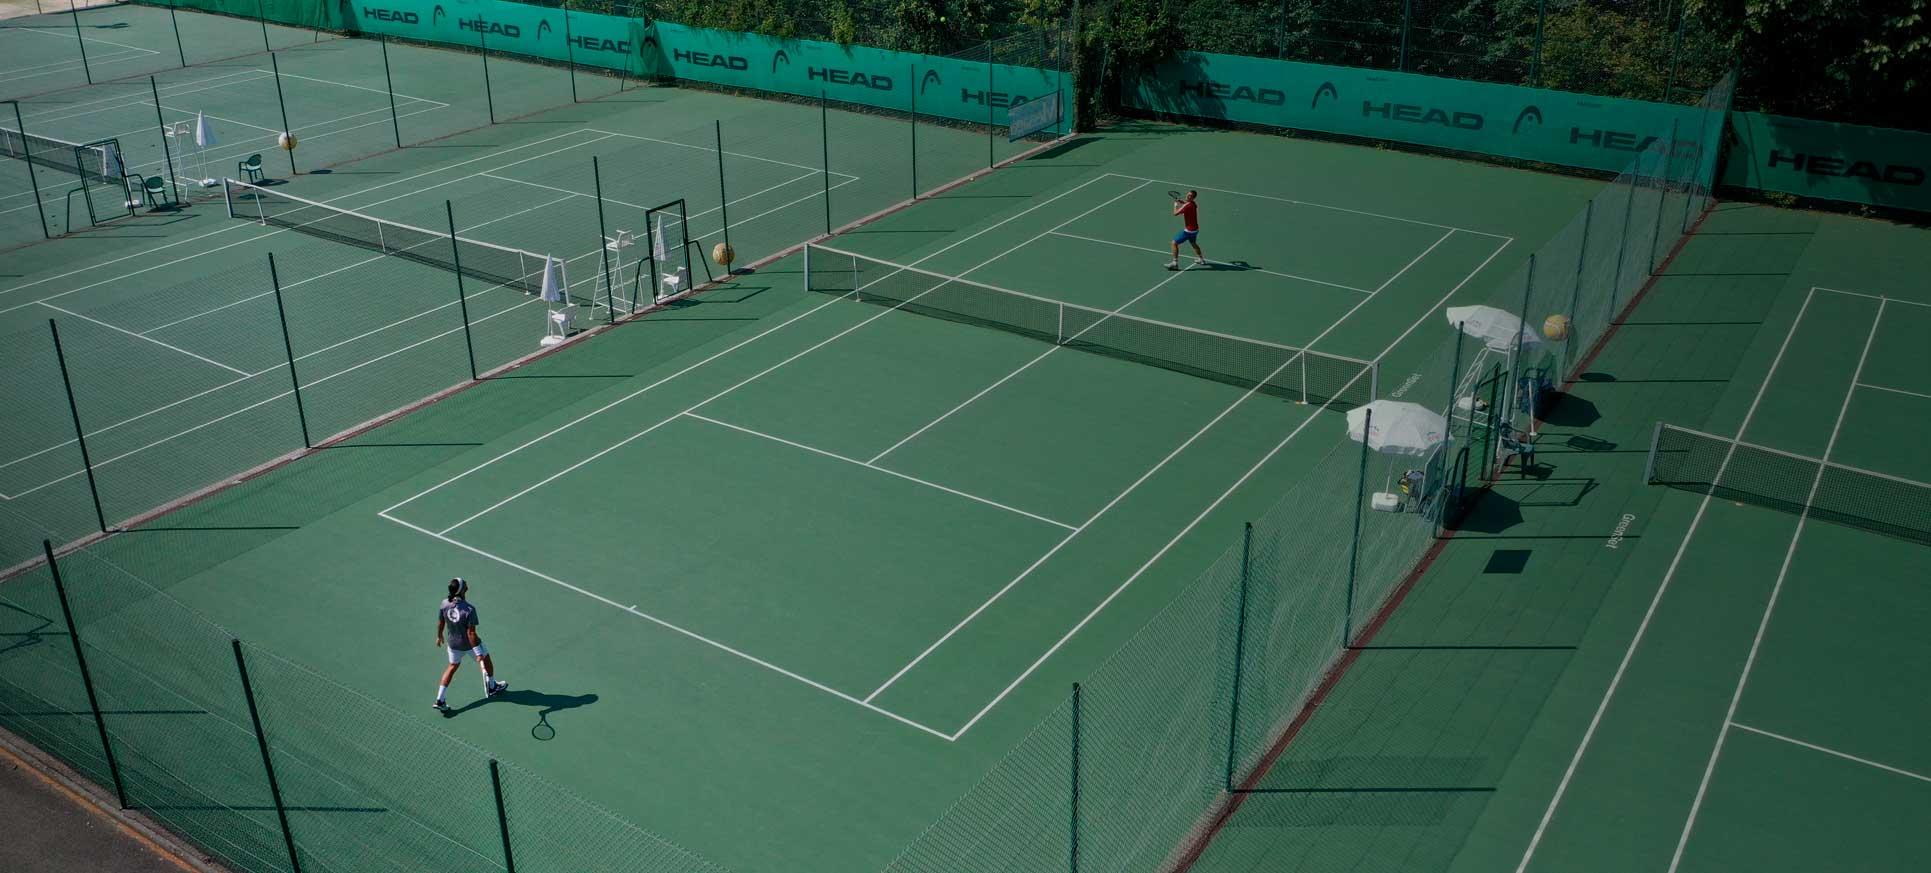 Reprise de l'école de tennis mercredi 4 novembre 2020 au Tennis Club d'Evian